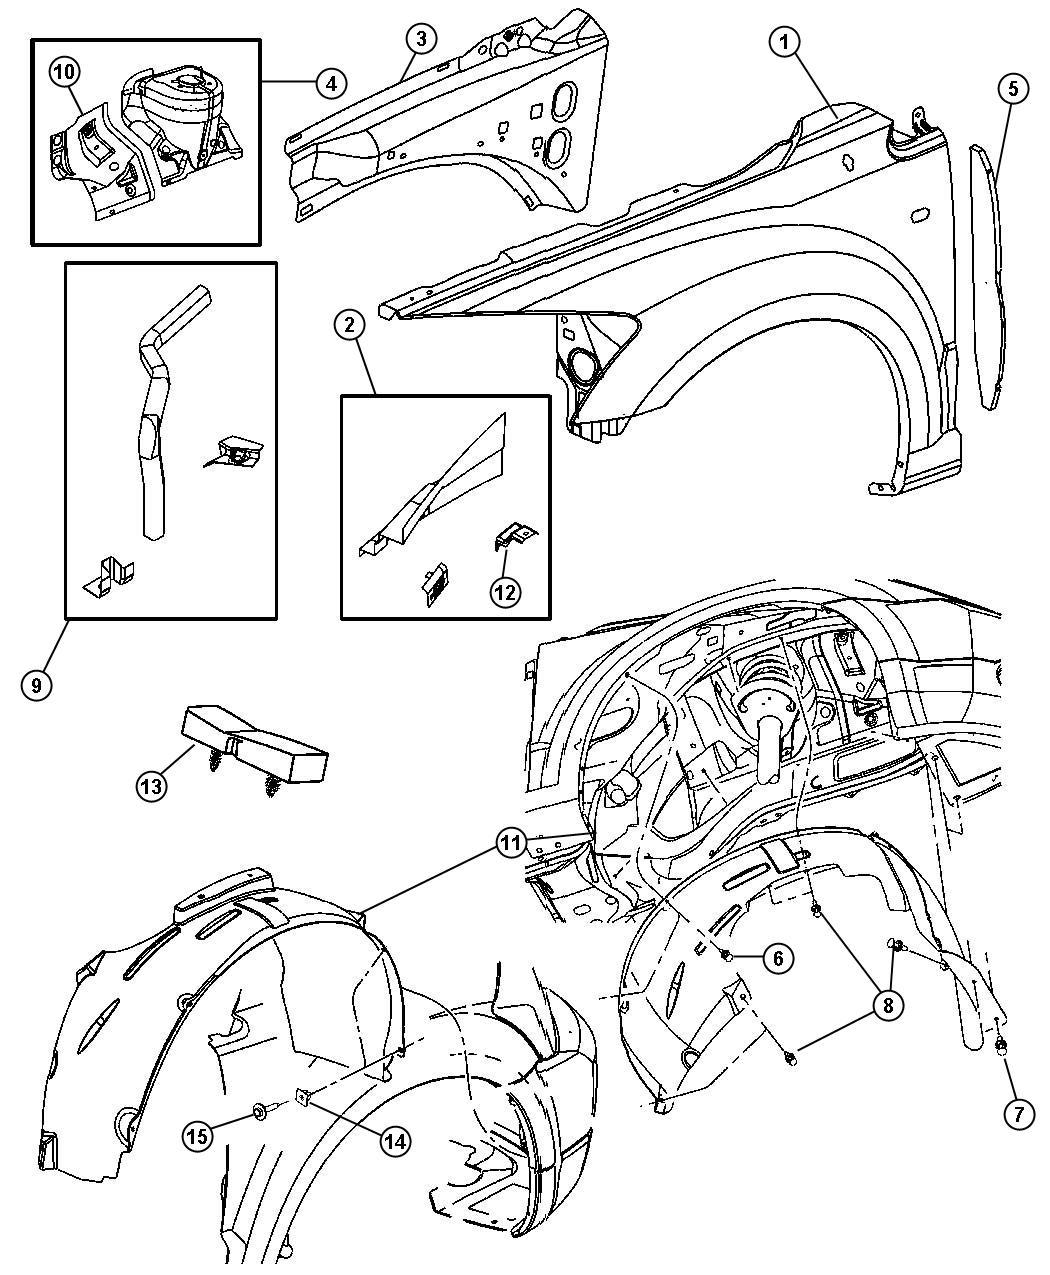 2013 Dodge Charger SE 3.6L V6 Pin, push pin. M8x10.3. Left